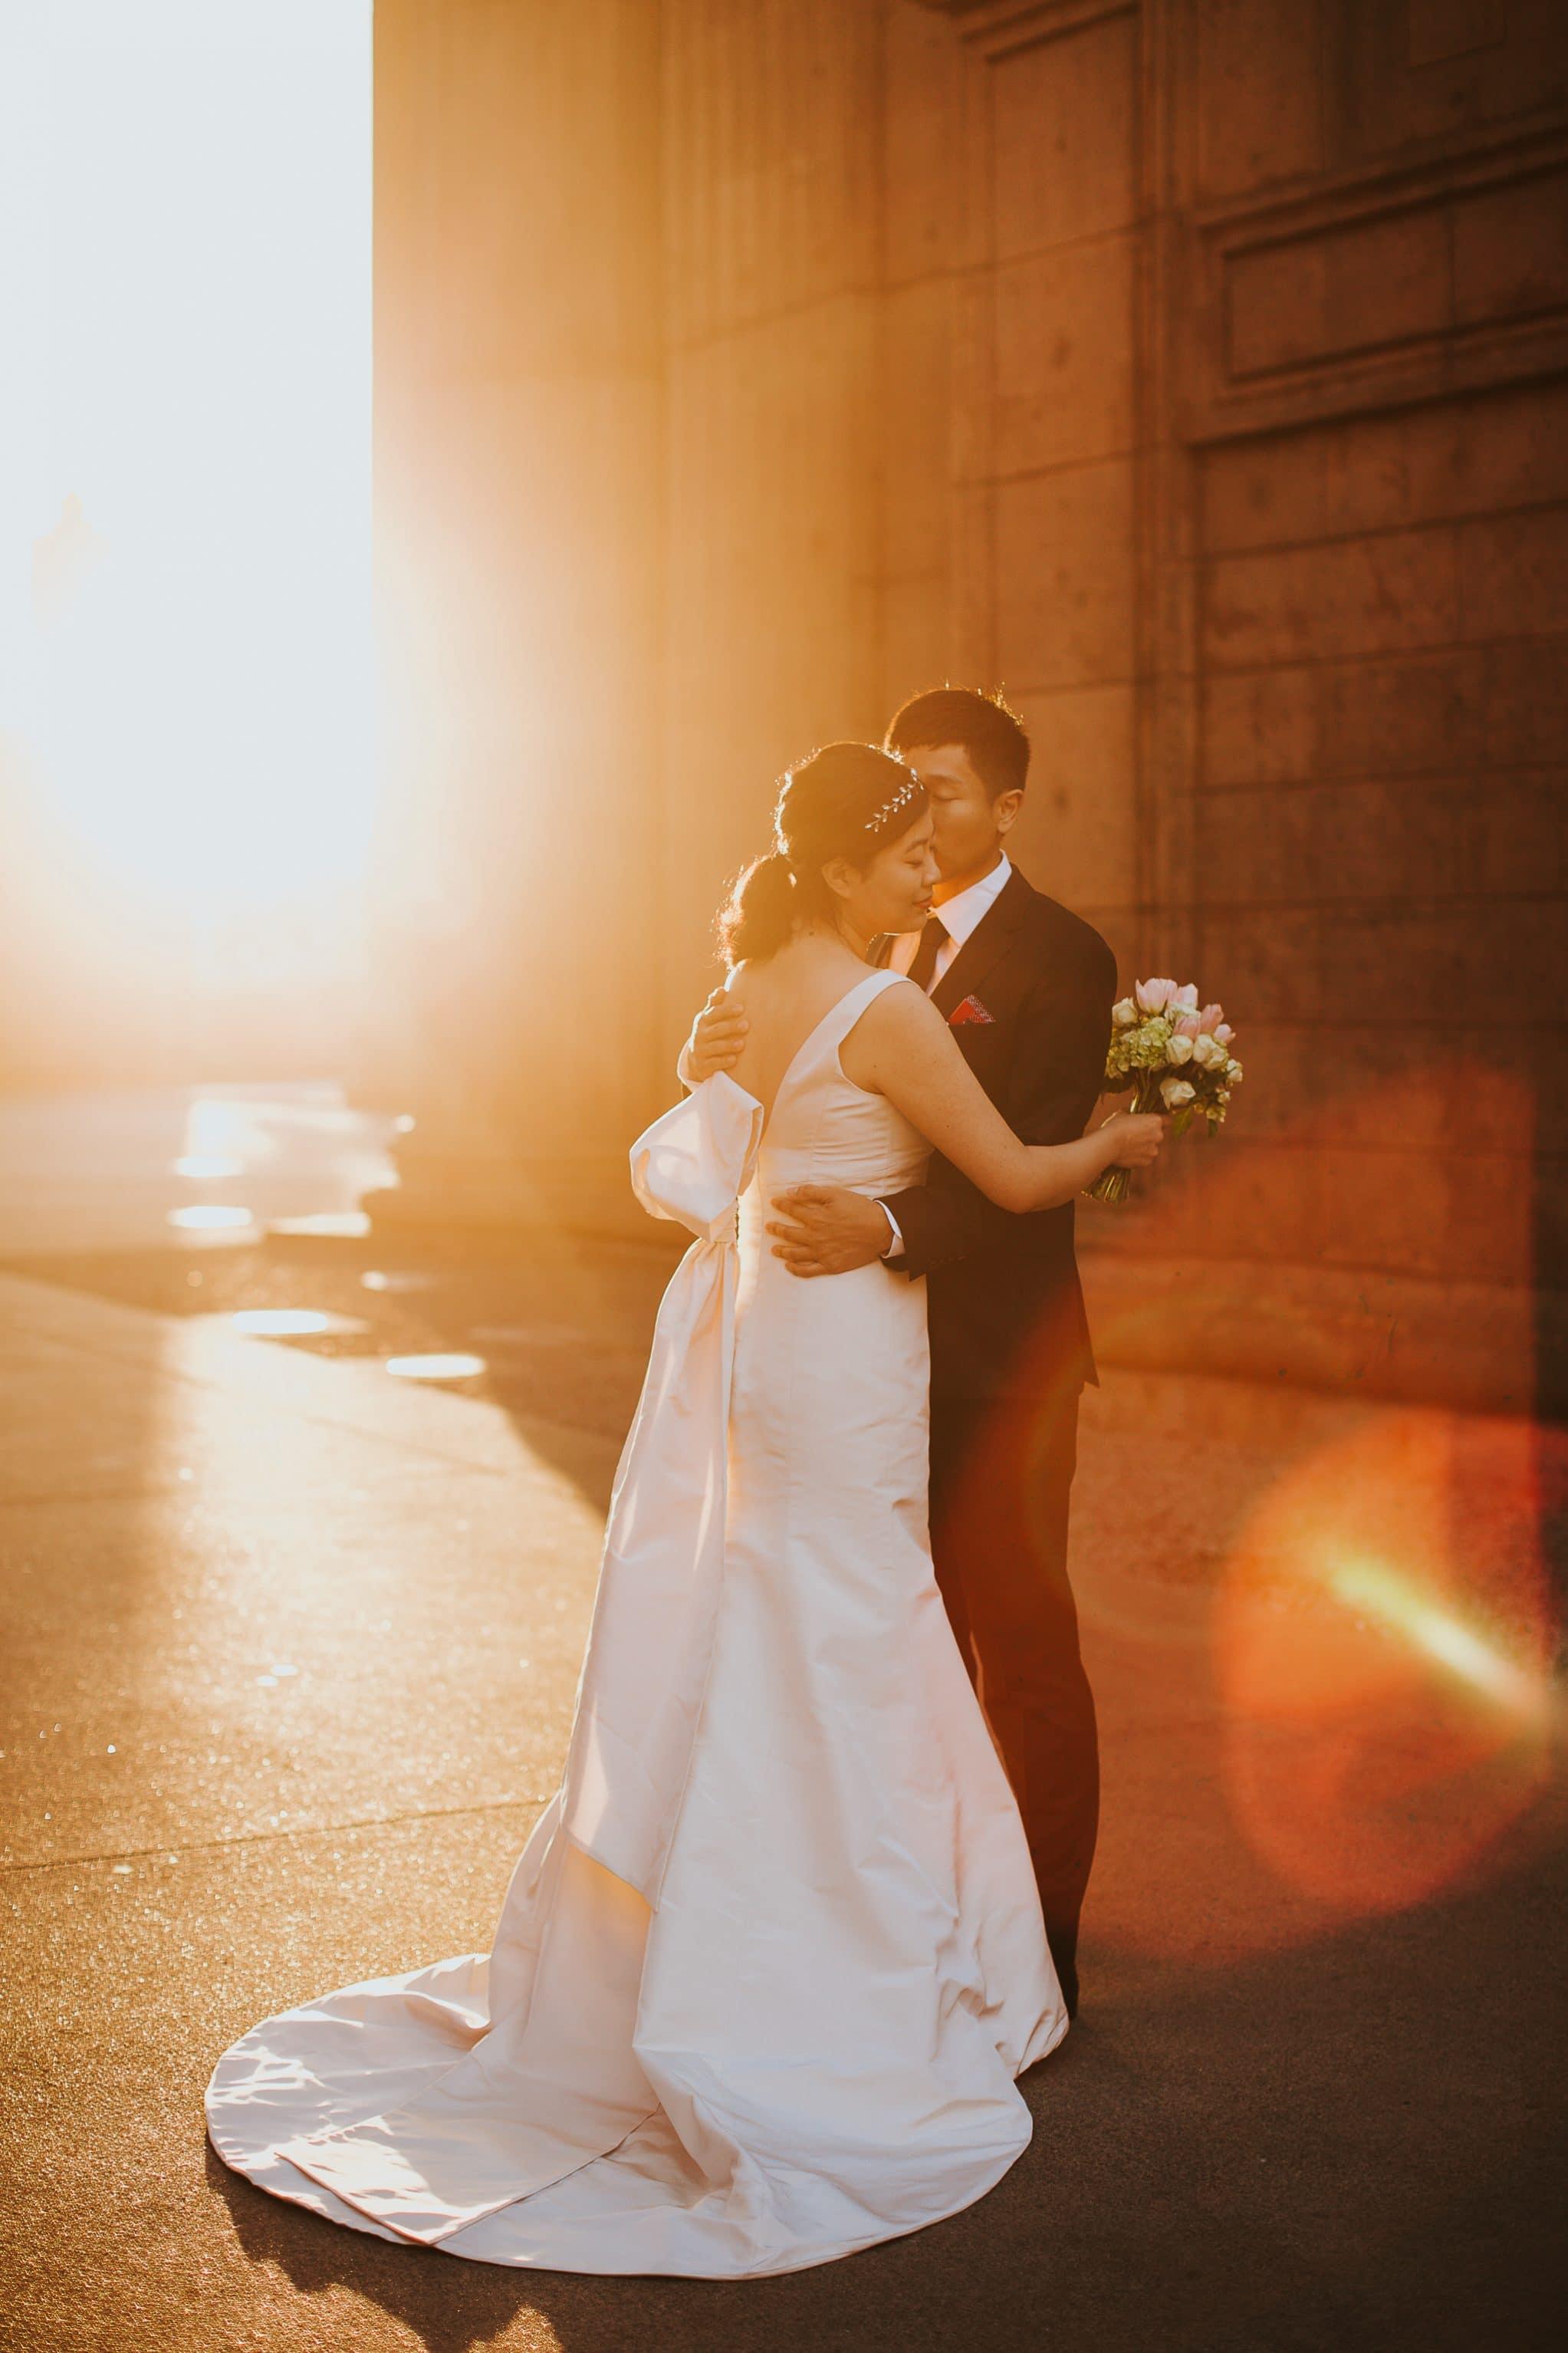 palace of fine arts san francisco wedding sunrise photoshoot